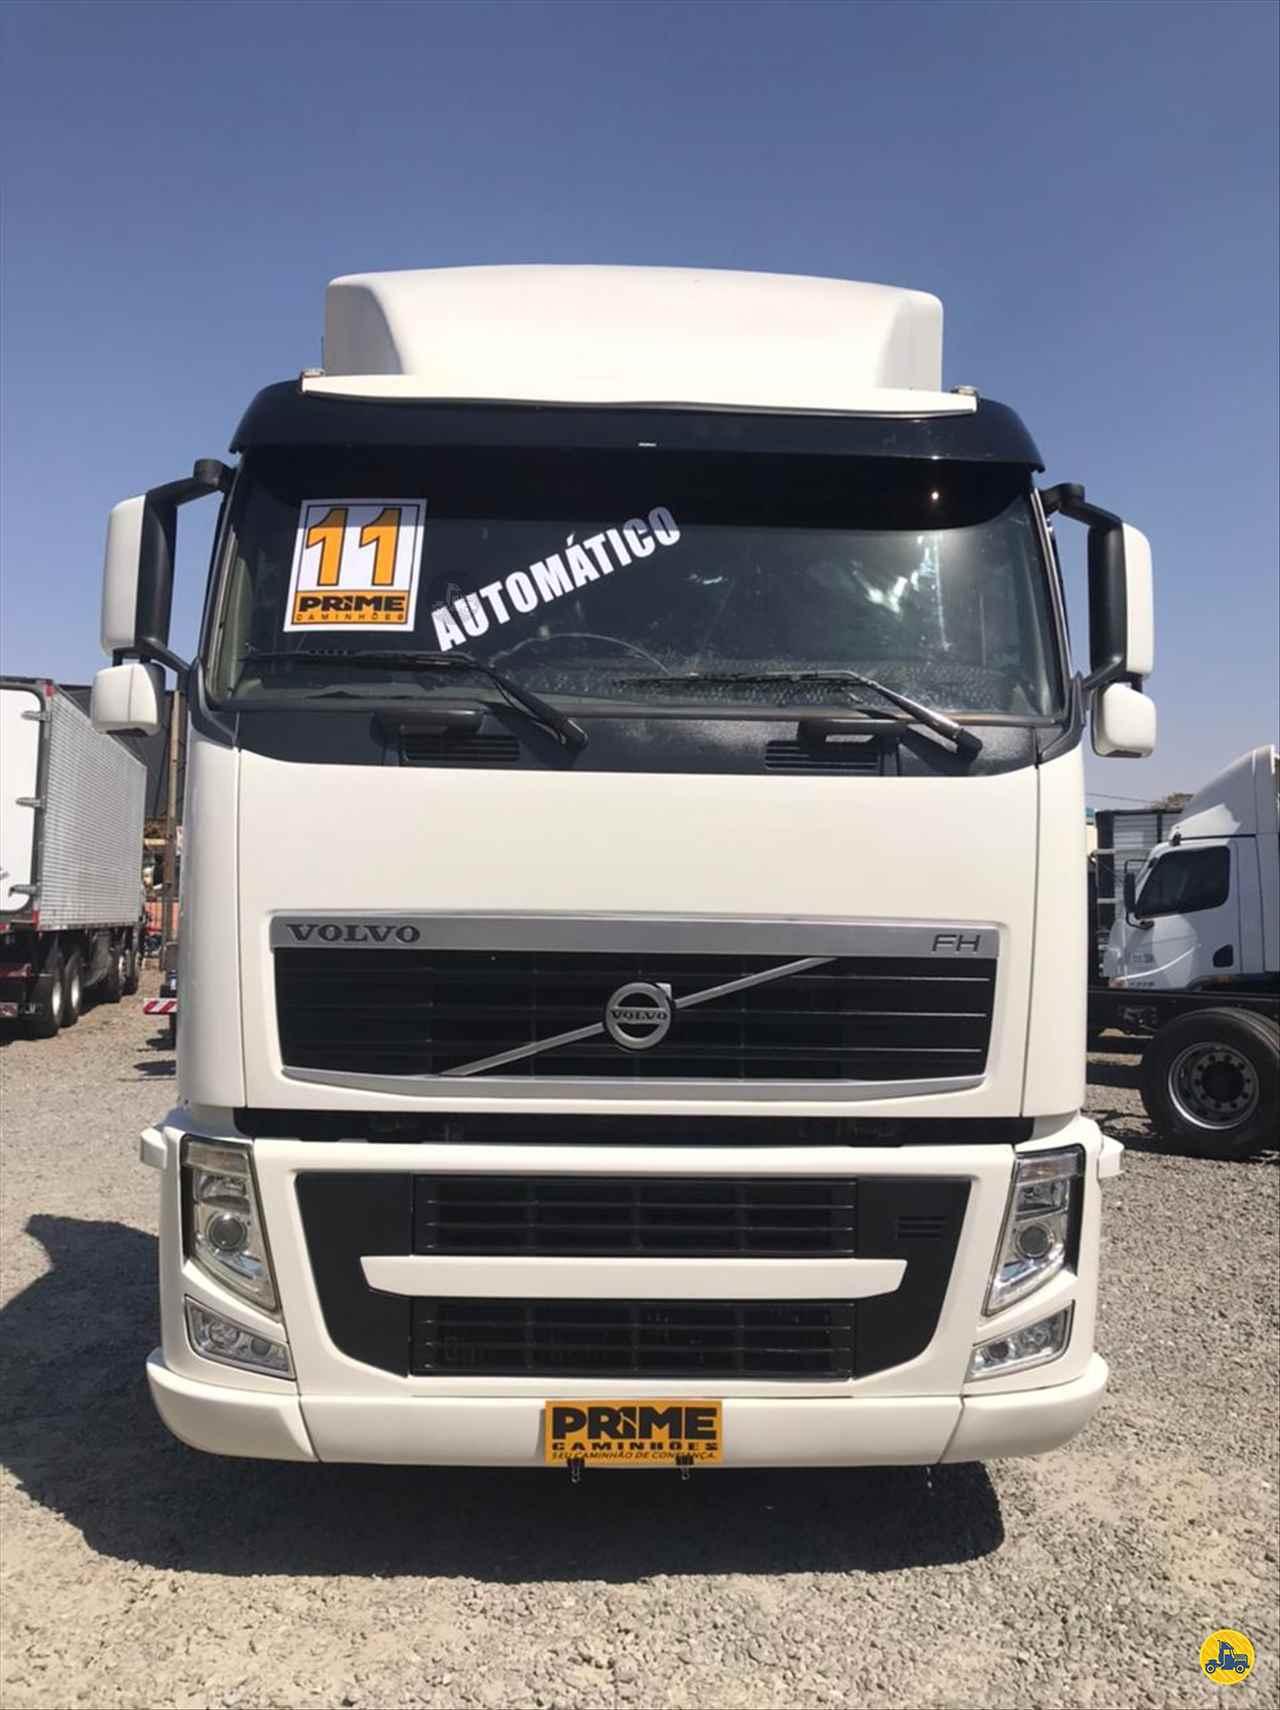 CAMINHAO VOLVO VOLVO FM 440 Cavalo Mecânico Truck 6x2 Prime Caminhões GOIANIA GOIAS GO